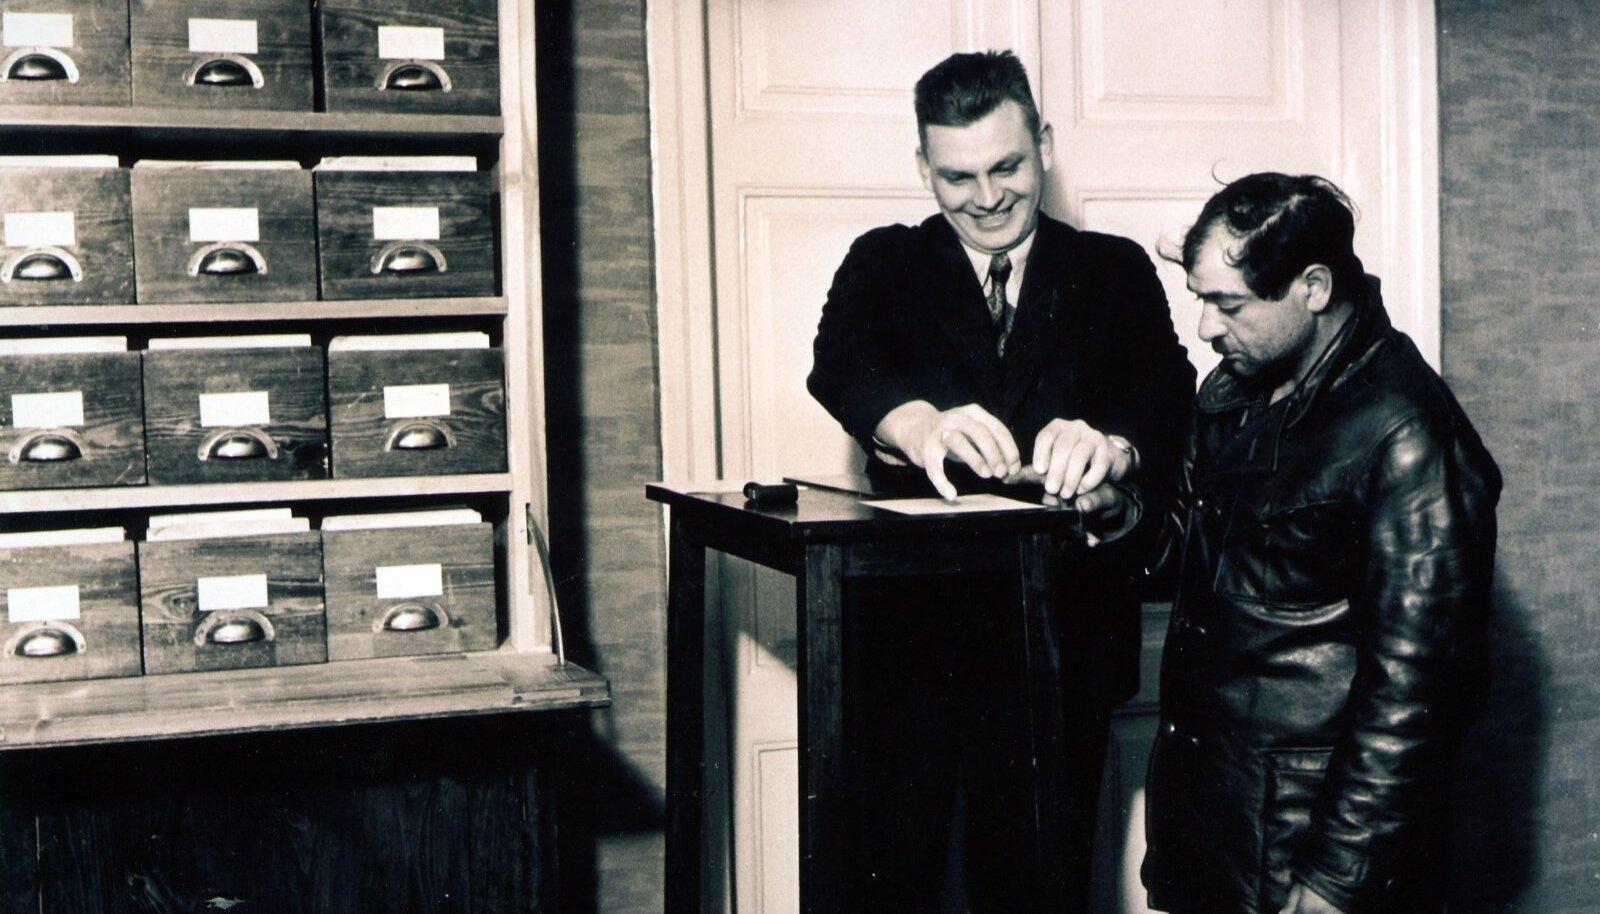 JÄI VAHELE: Tallinn-Harju kriminaalpolitsei töötaja võtab kurjategijalt kartoteegi jaoks sõrmejälje. Foto aastast 1937.